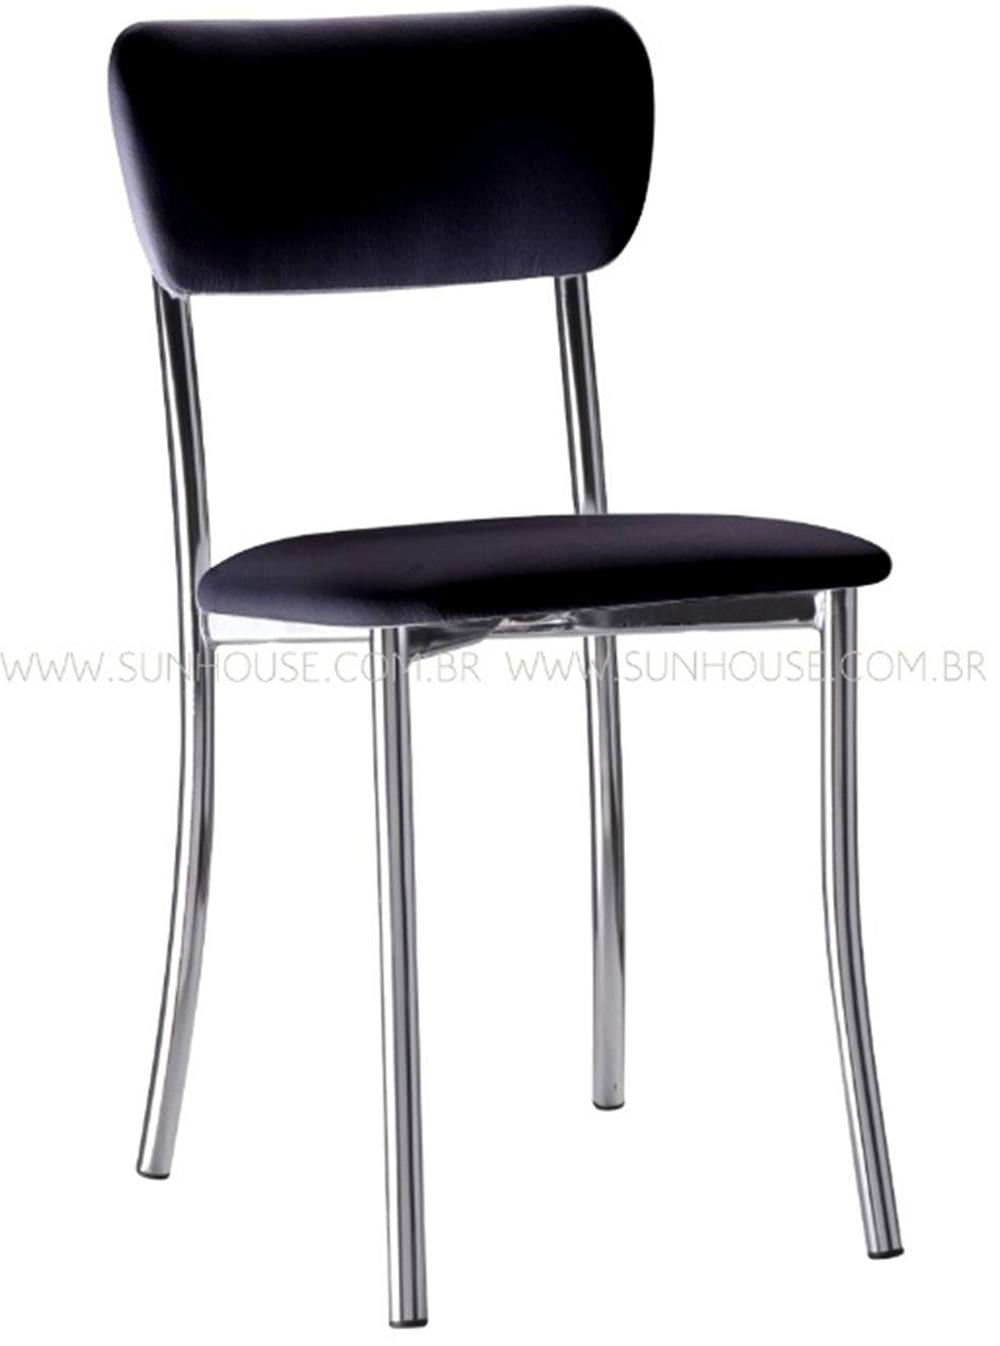 Cadeira Estofada Korino Preta - 17608